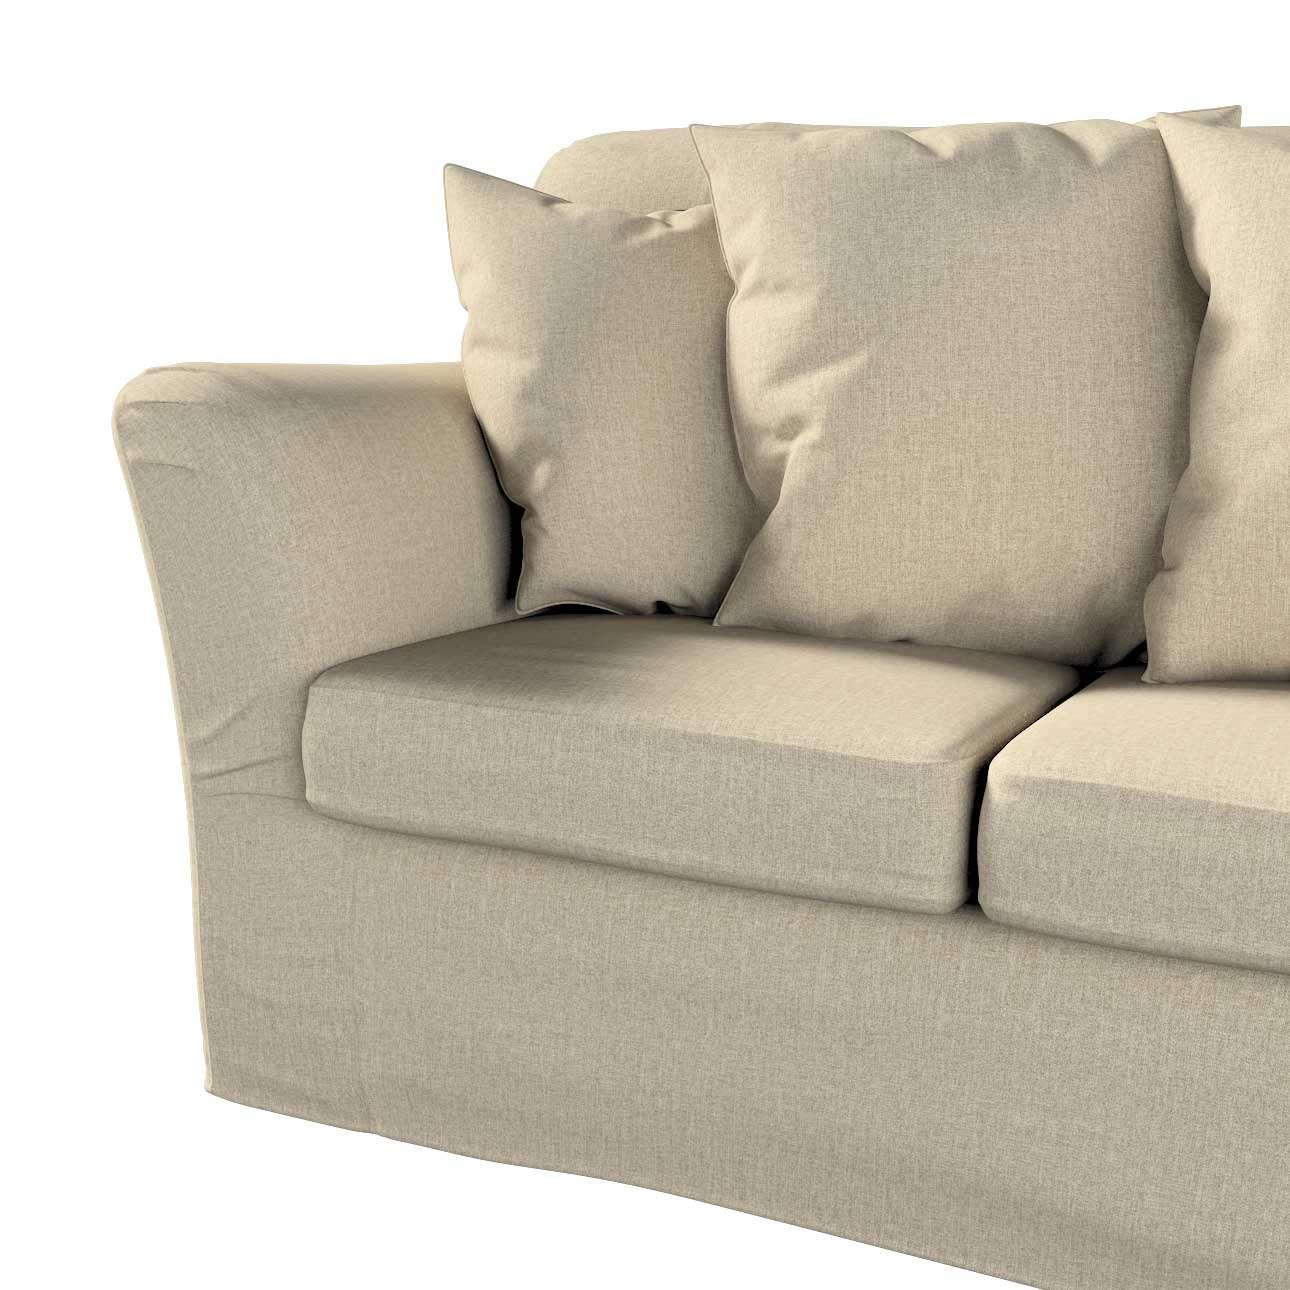 Pokrowiec na sofę Tomelilla 3-osobową nierozkładaną w kolekcji City, tkanina: 704-80